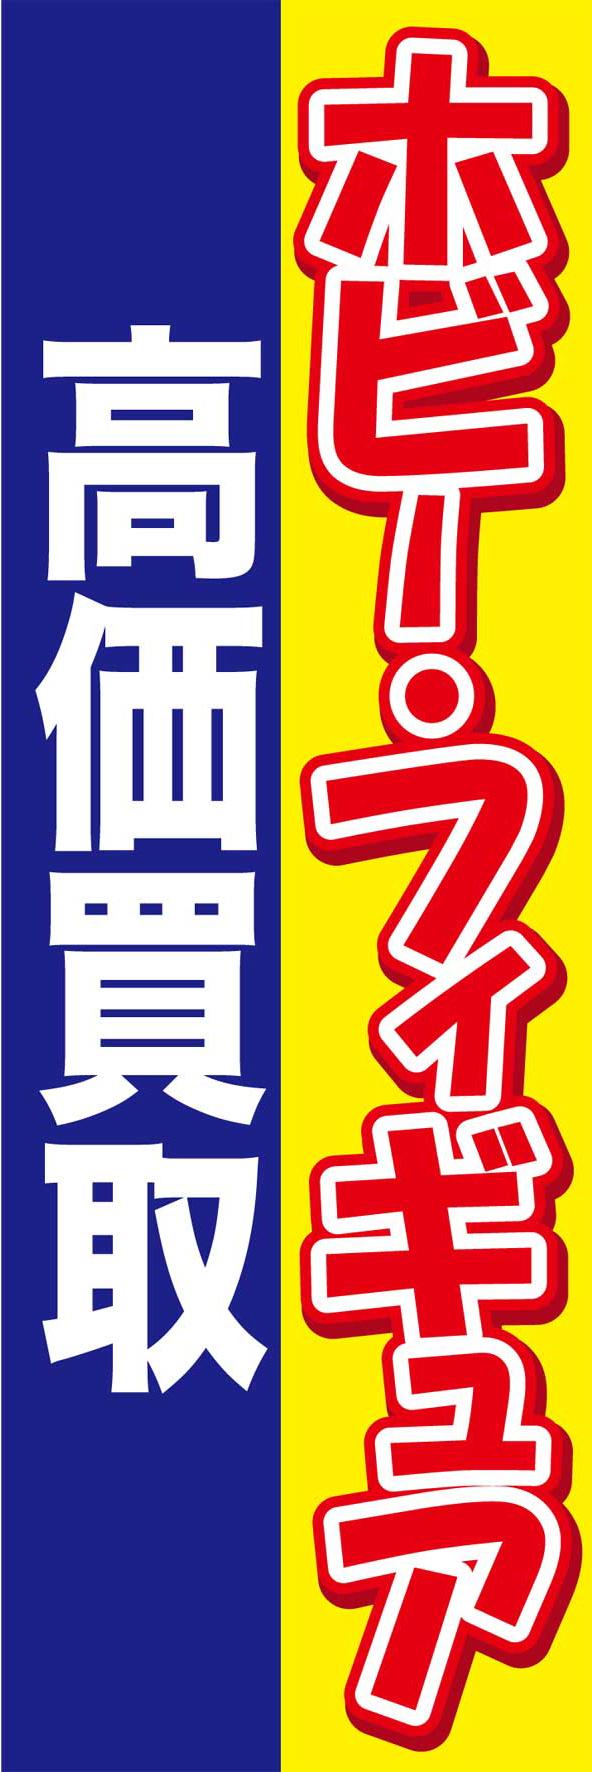 のぼり ホビーフィギュア高価買取